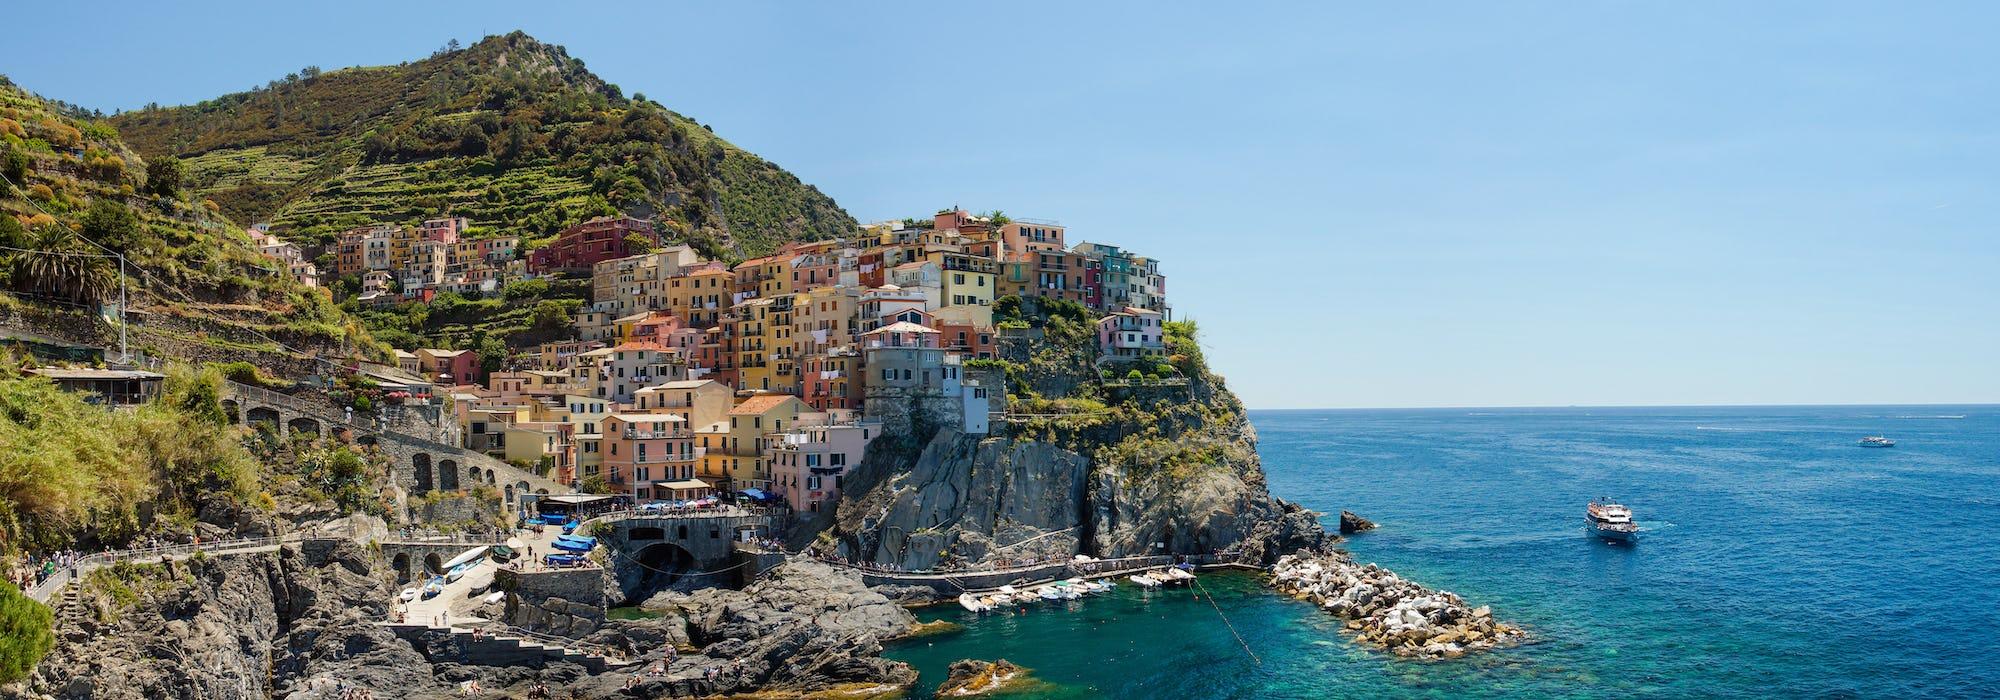 Läntinen Välimeri, La Spezia